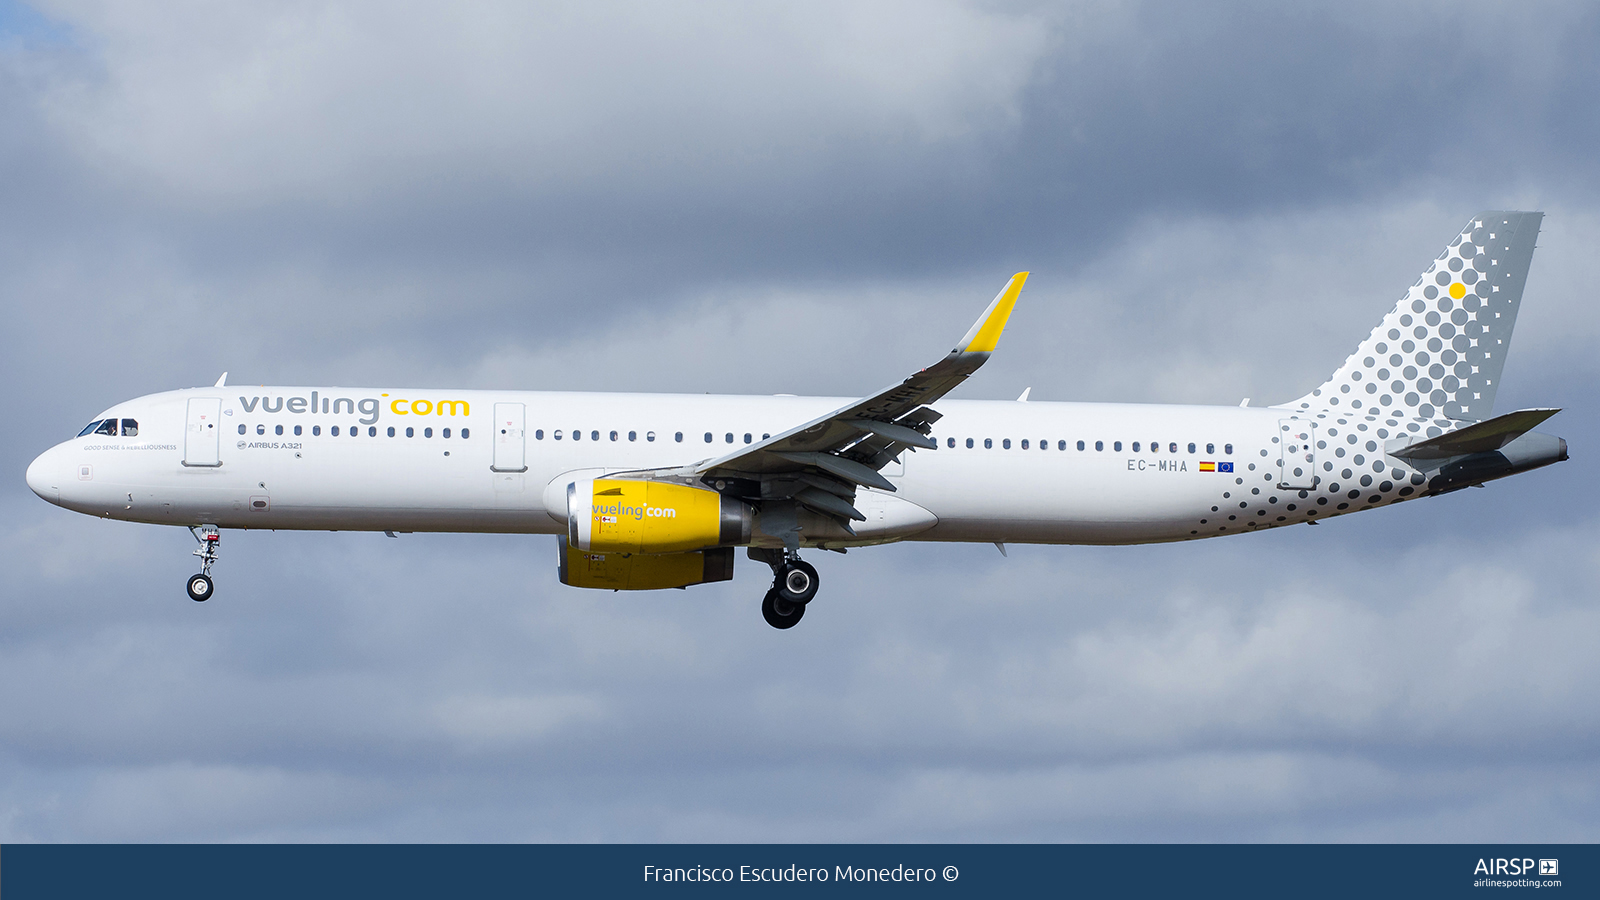 VuelingAirbus A321EC-MHA